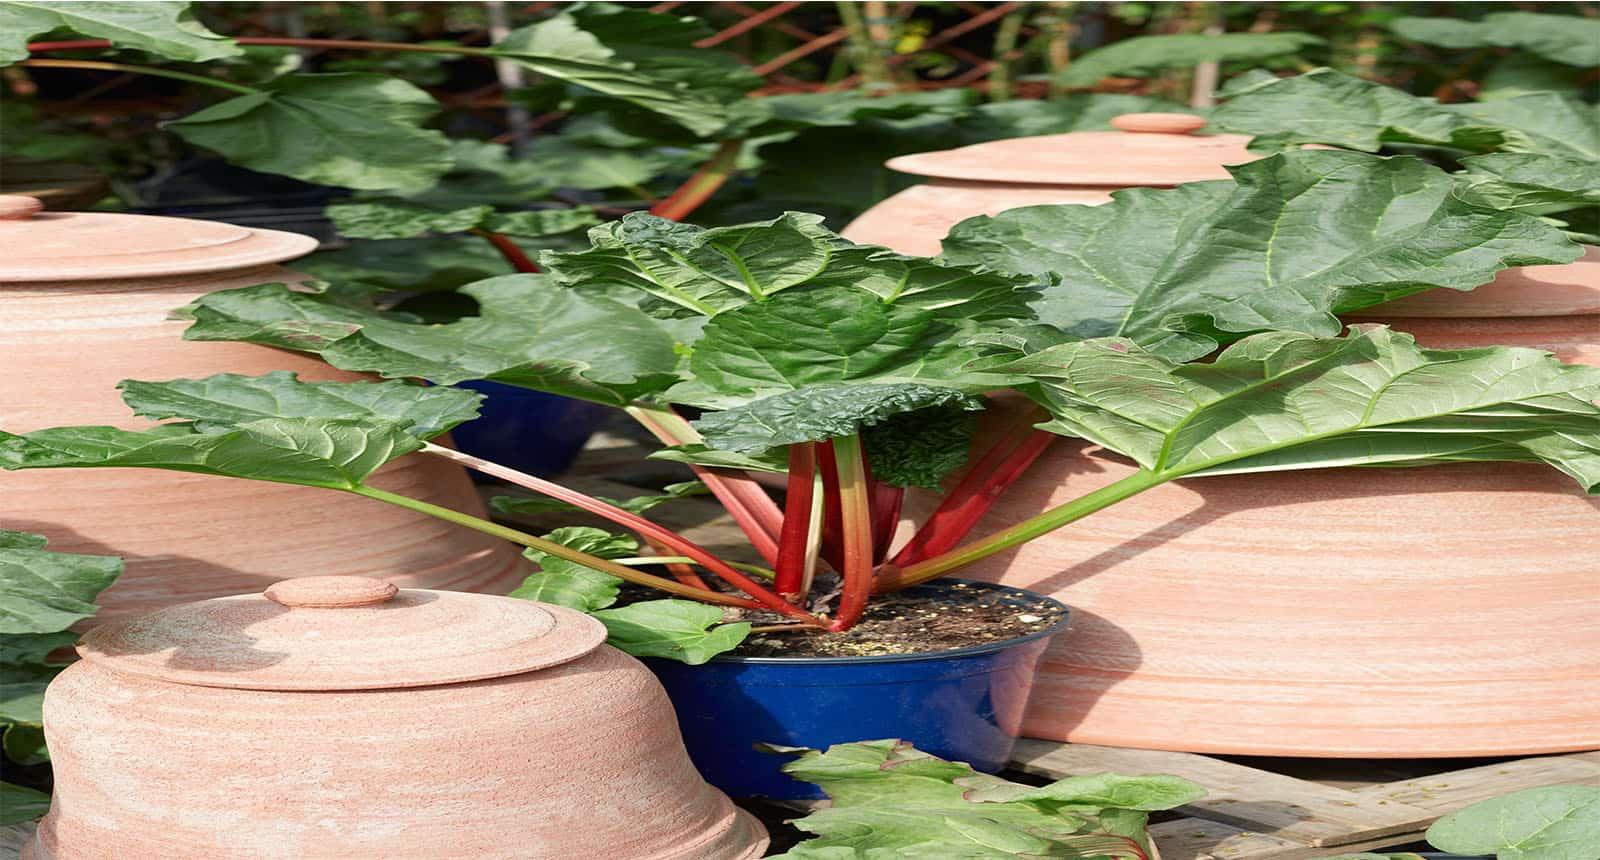 Rhubarb Rheum Palmatum